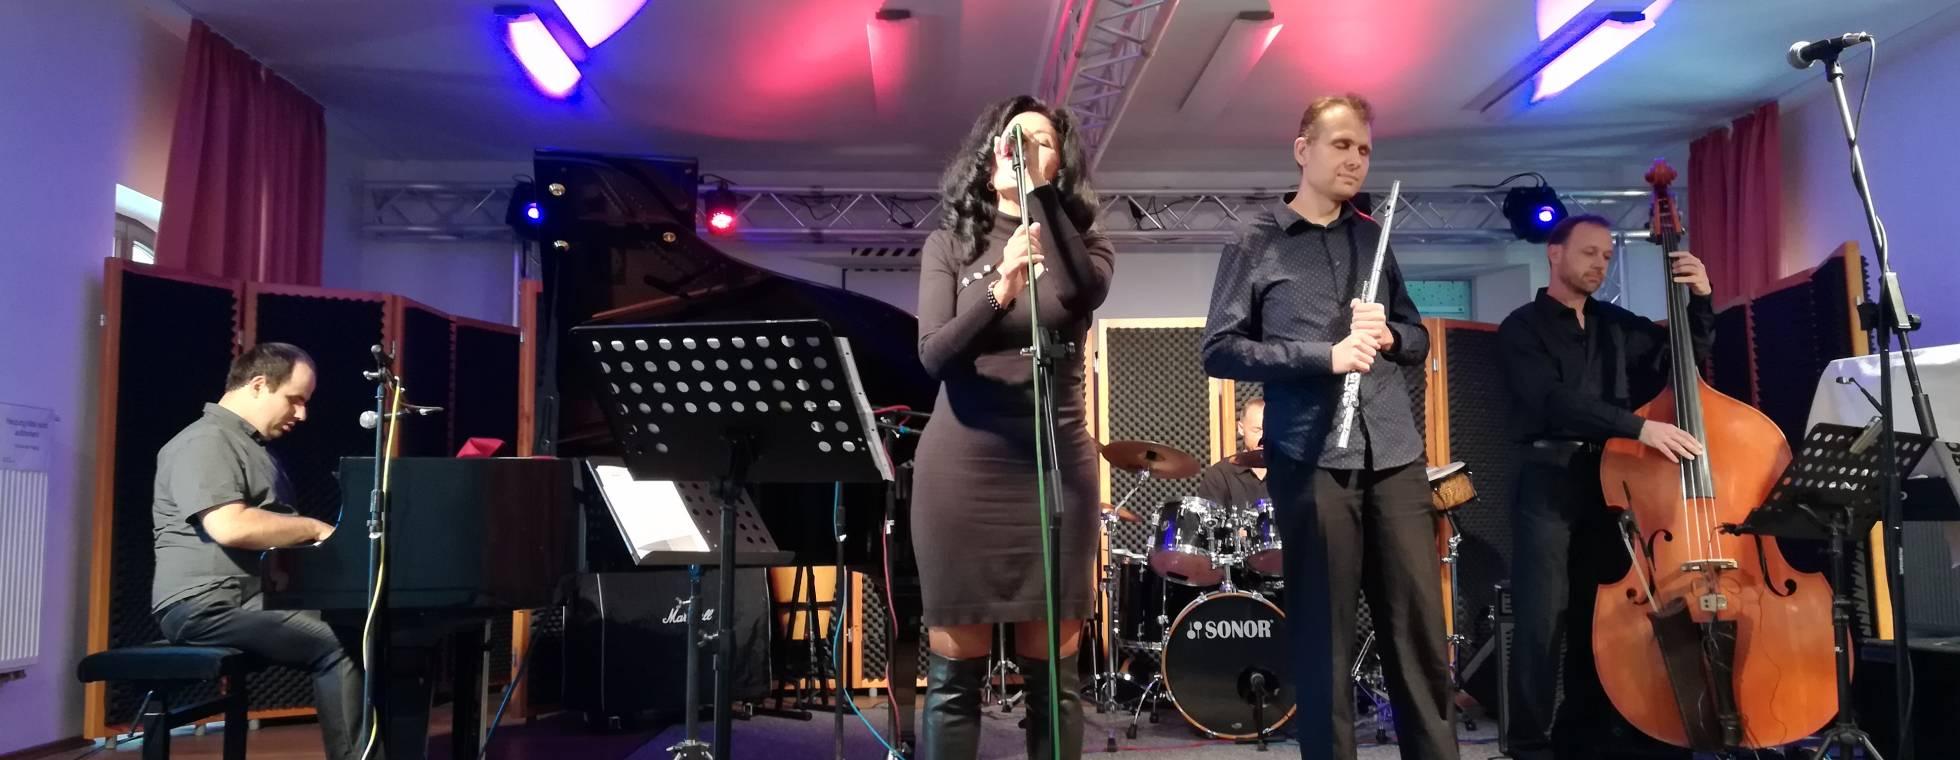 band auf der Bühne